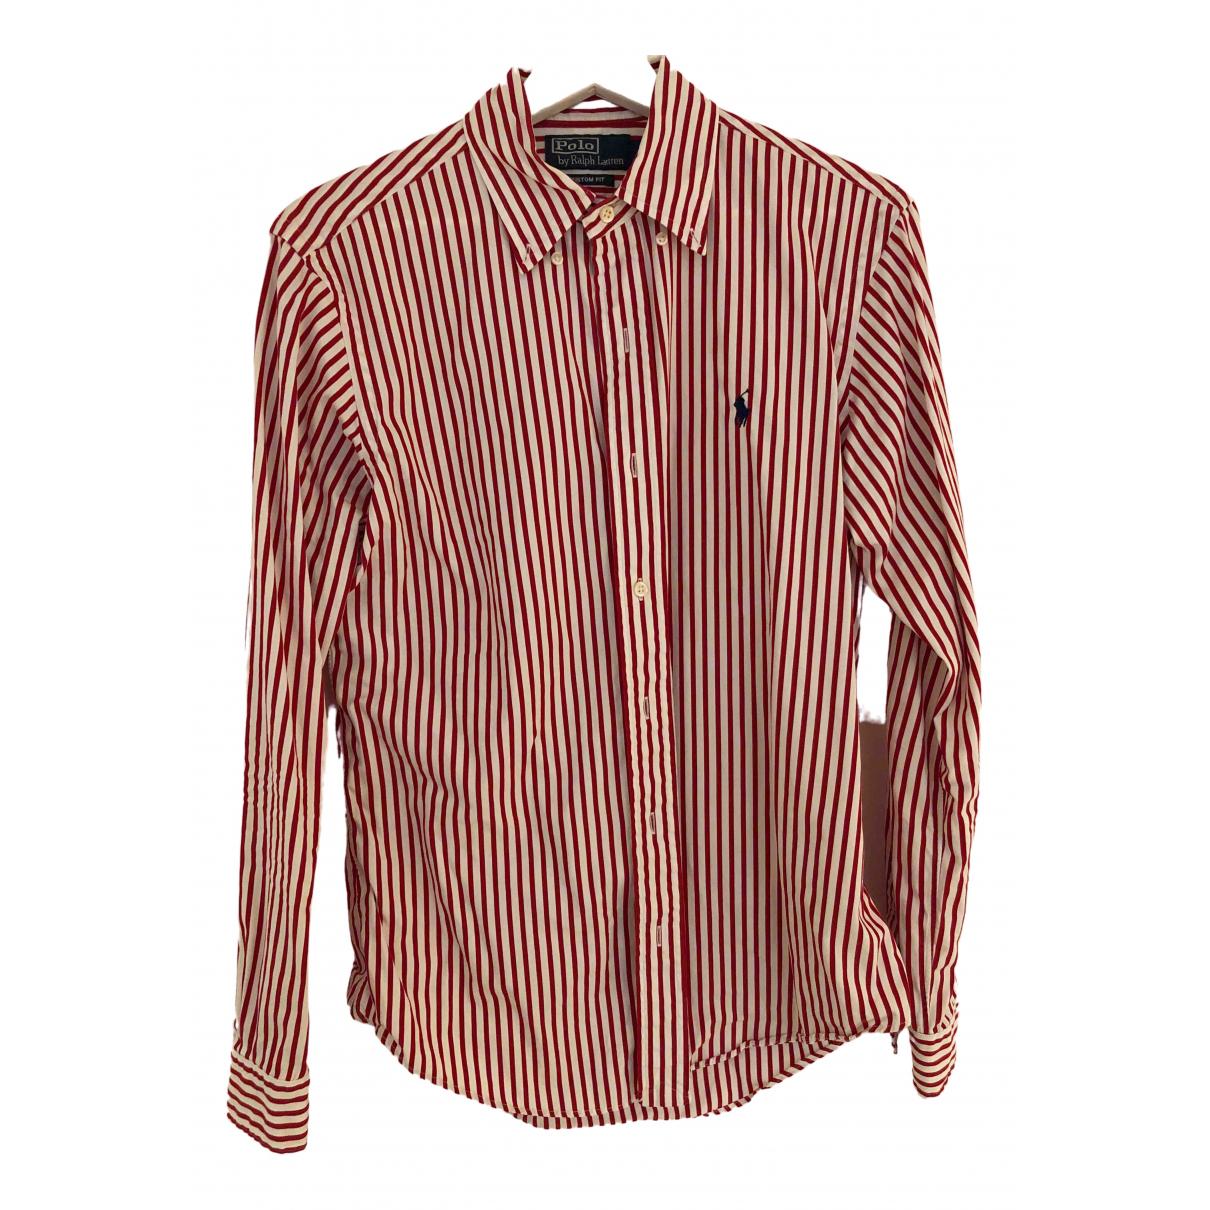 Polo Ralph Lauren - Chemises Polo ajuste manches courtes pour homme en coton - rouge